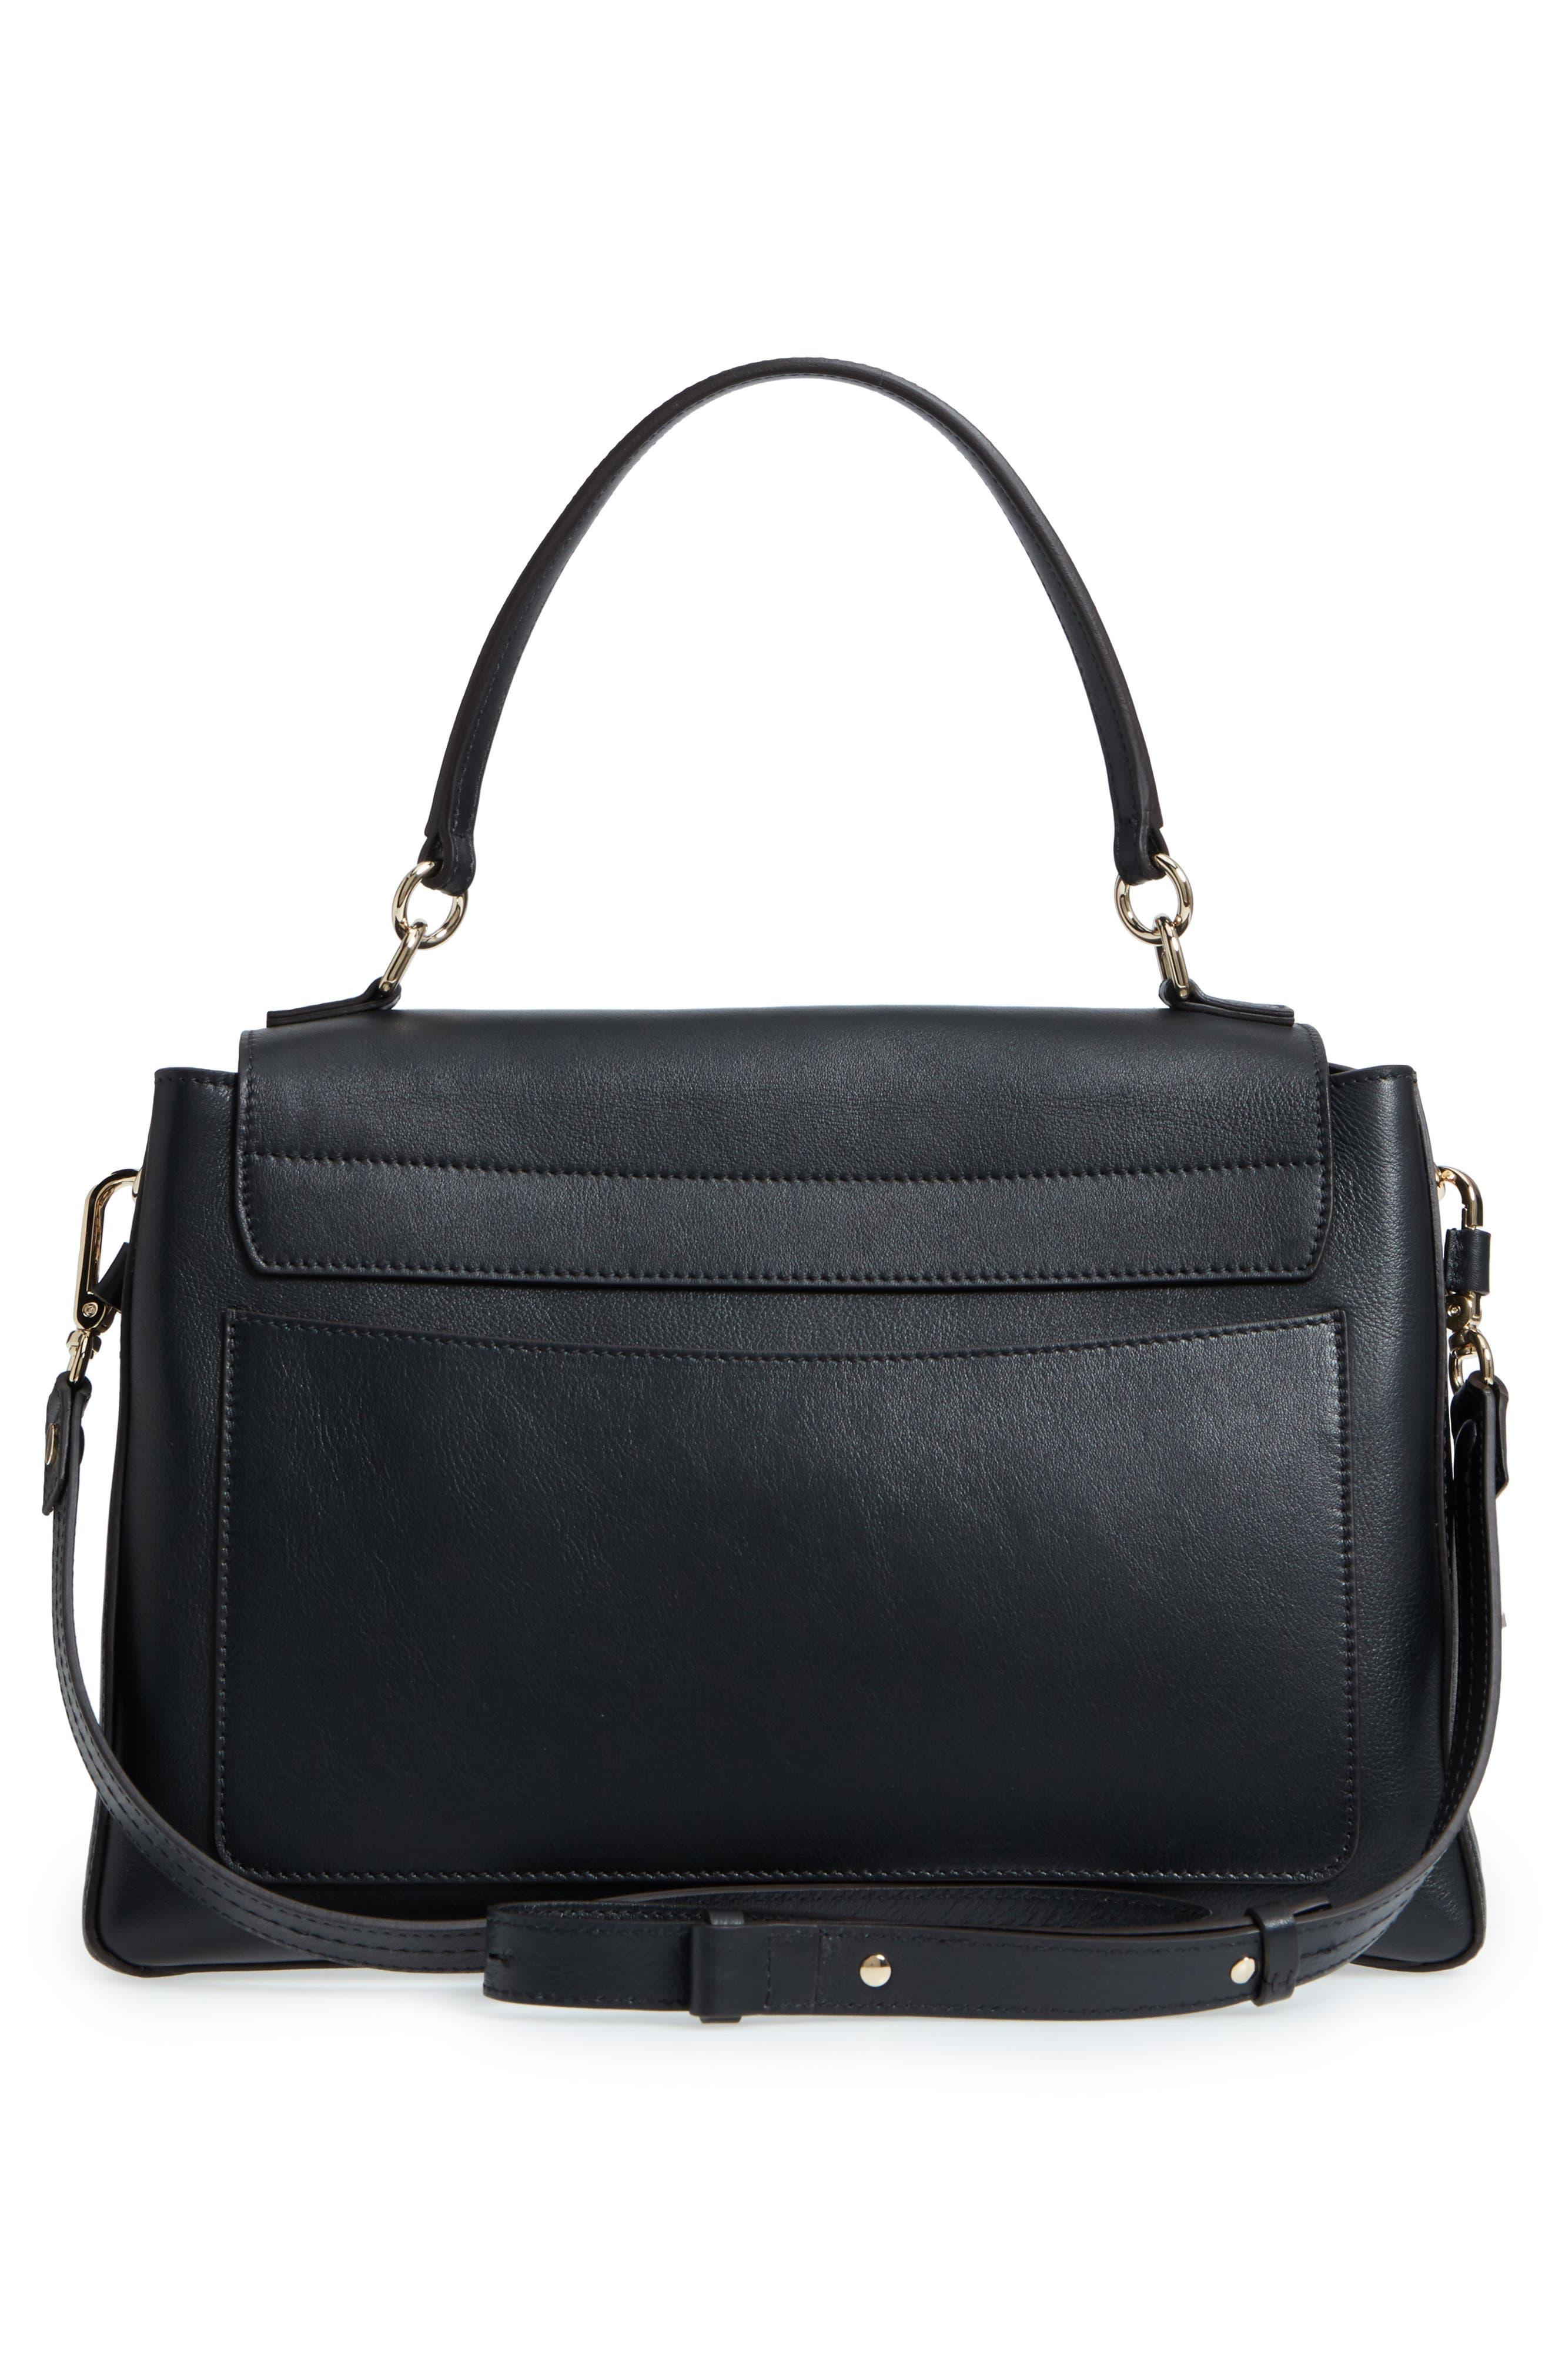 Medium Faye Leather Shoulder Bag,                             Alternate thumbnail 5, color,                             BLACK